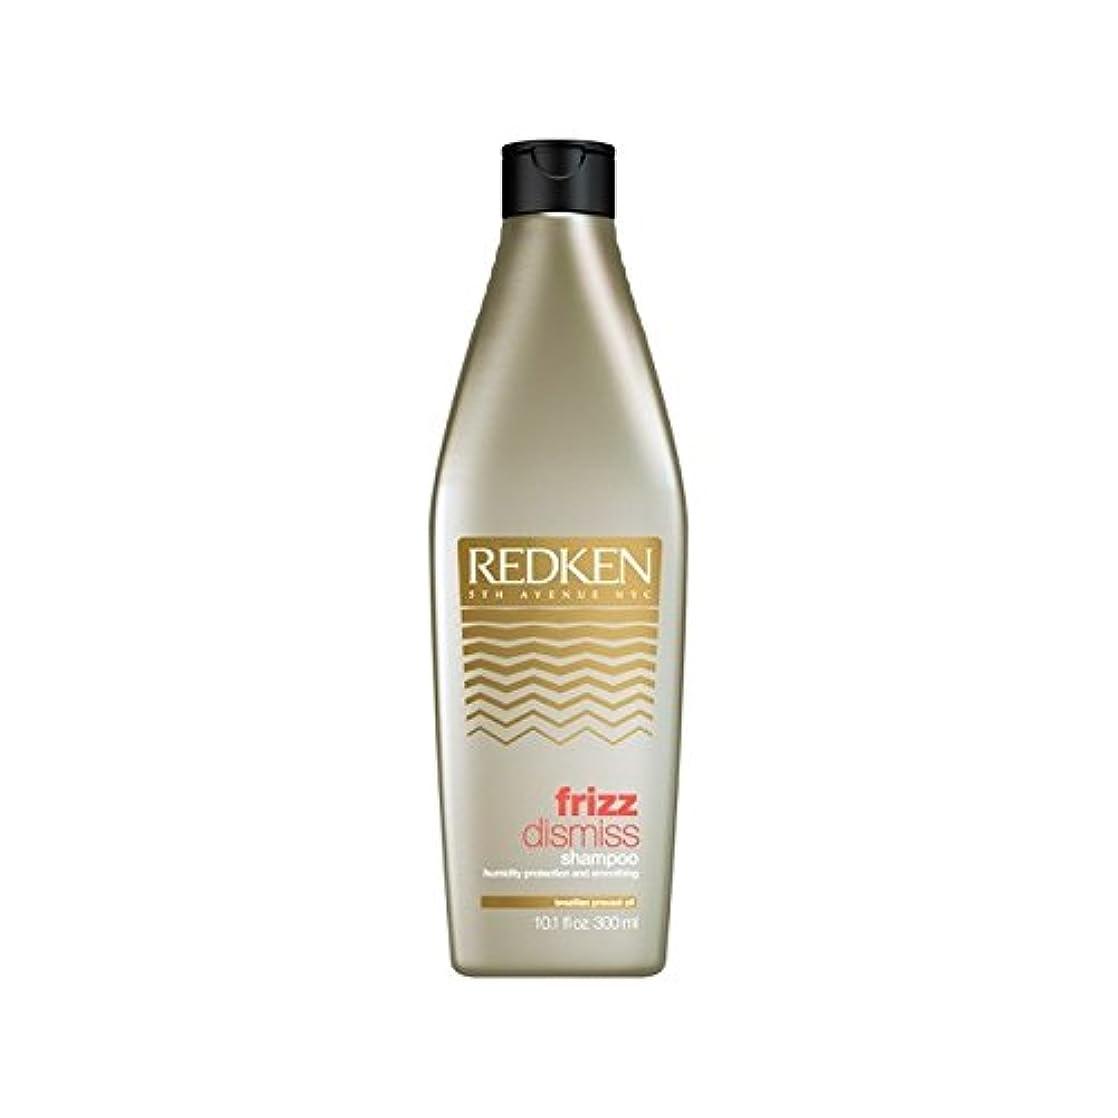 事前にまとめる数学Redken Frizz Dismiss Shampoo (300ml) (Pack of 6) - レッドケン縮れシャンプー(300ミリリットル)を解任 x6 [並行輸入品]